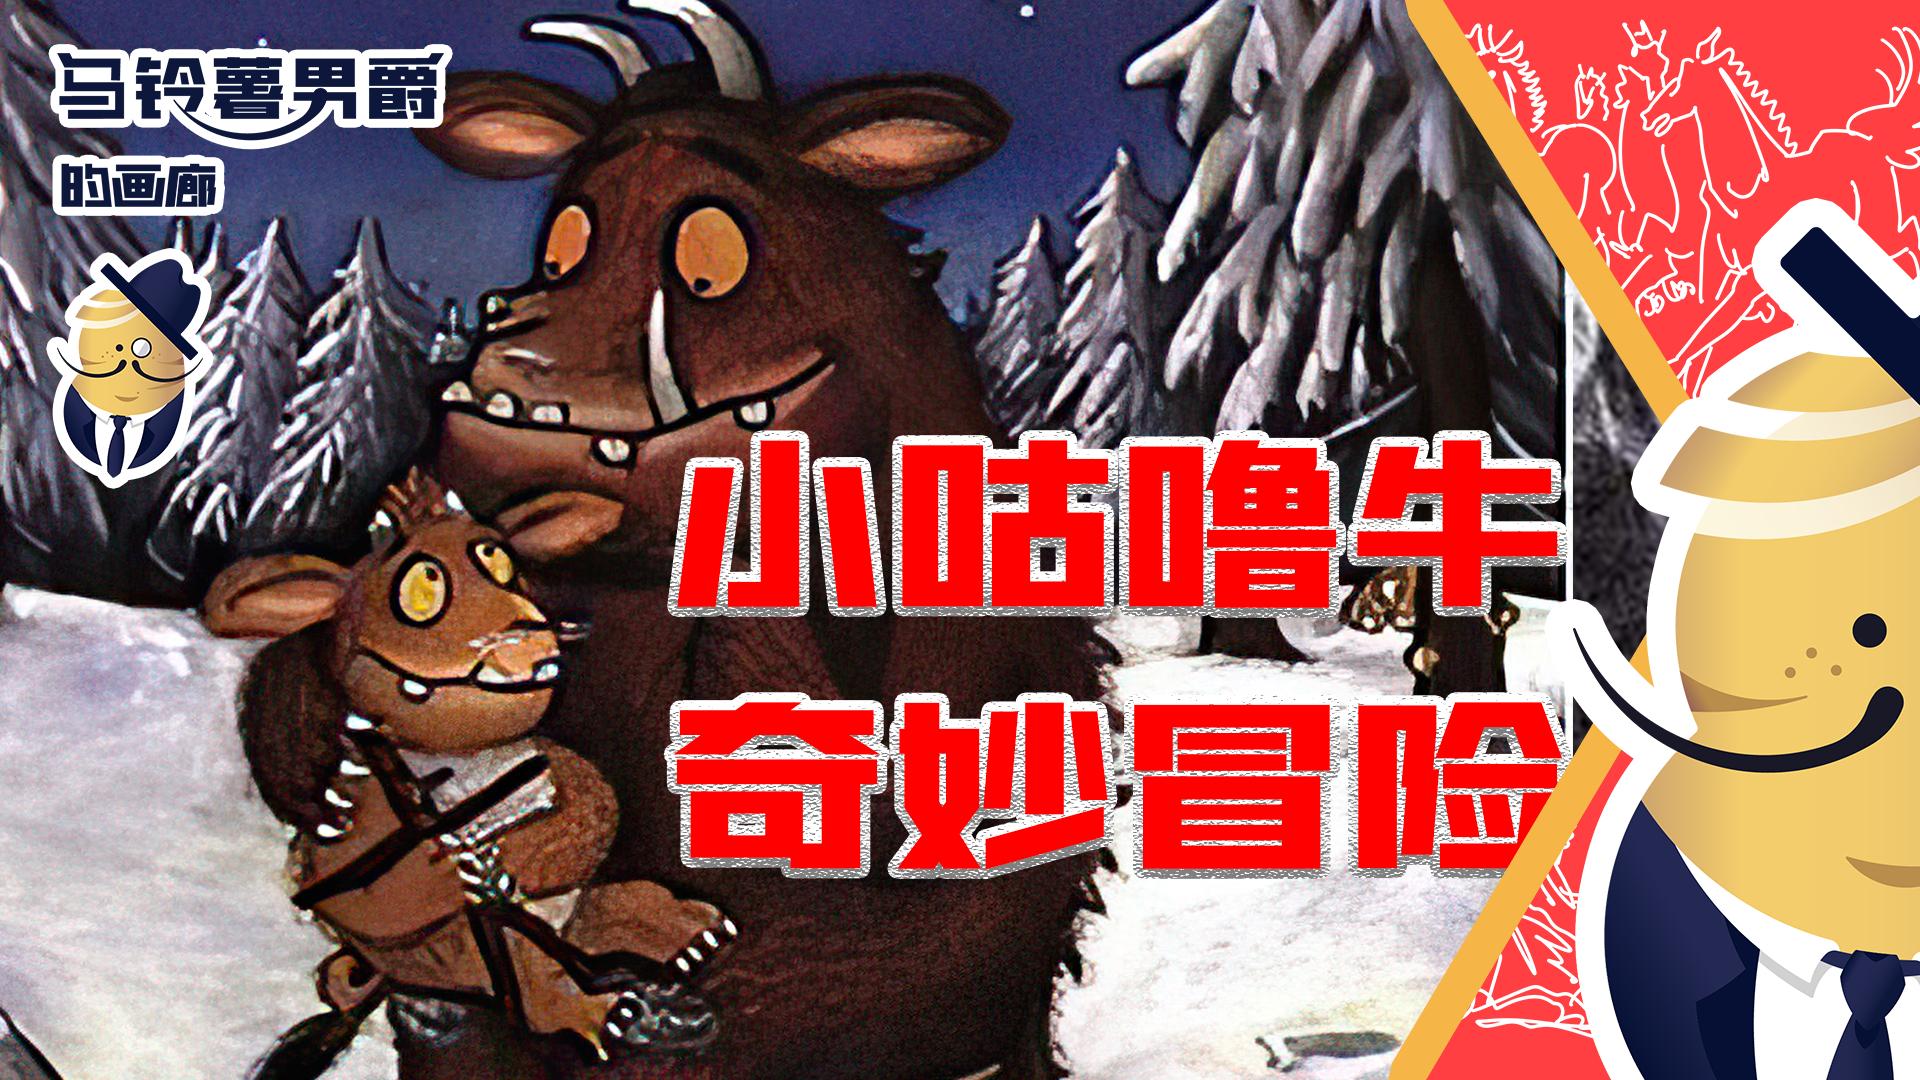 【画廊春节篇】小咕噜牛的奇妙冒险-预告片